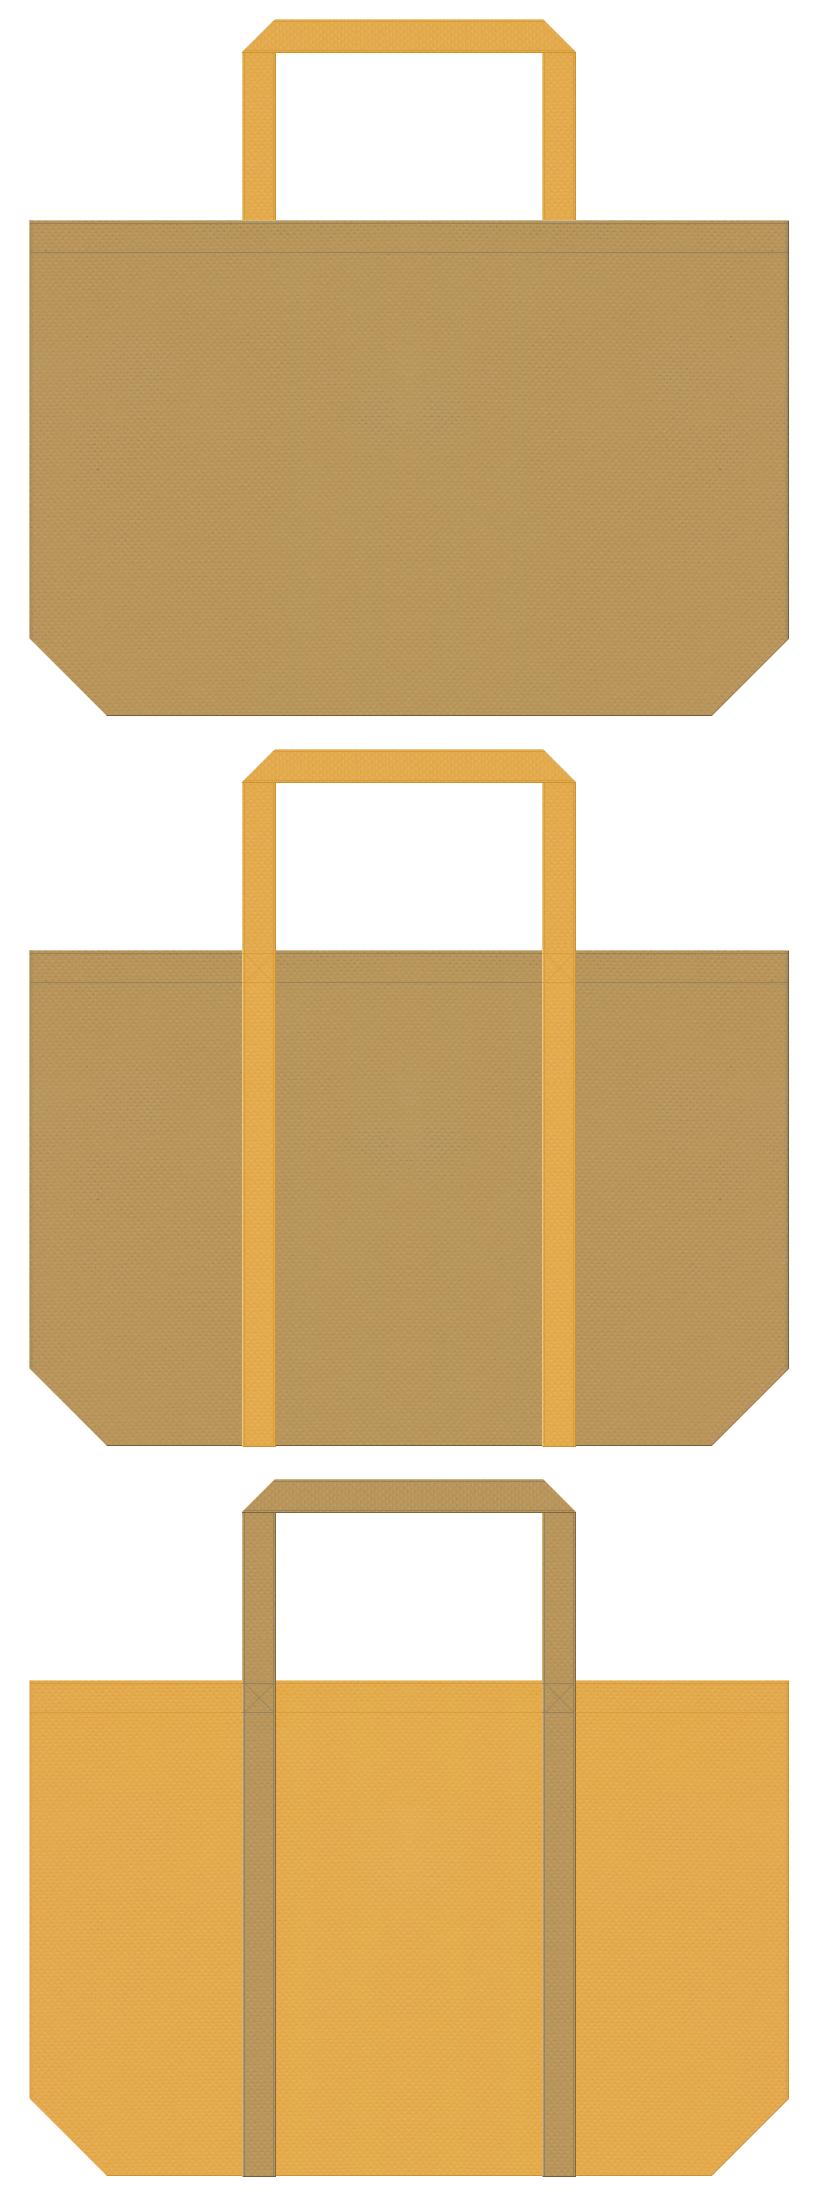 金色系黄土色と黄土色の不織布ショッピングバッグデザイン。